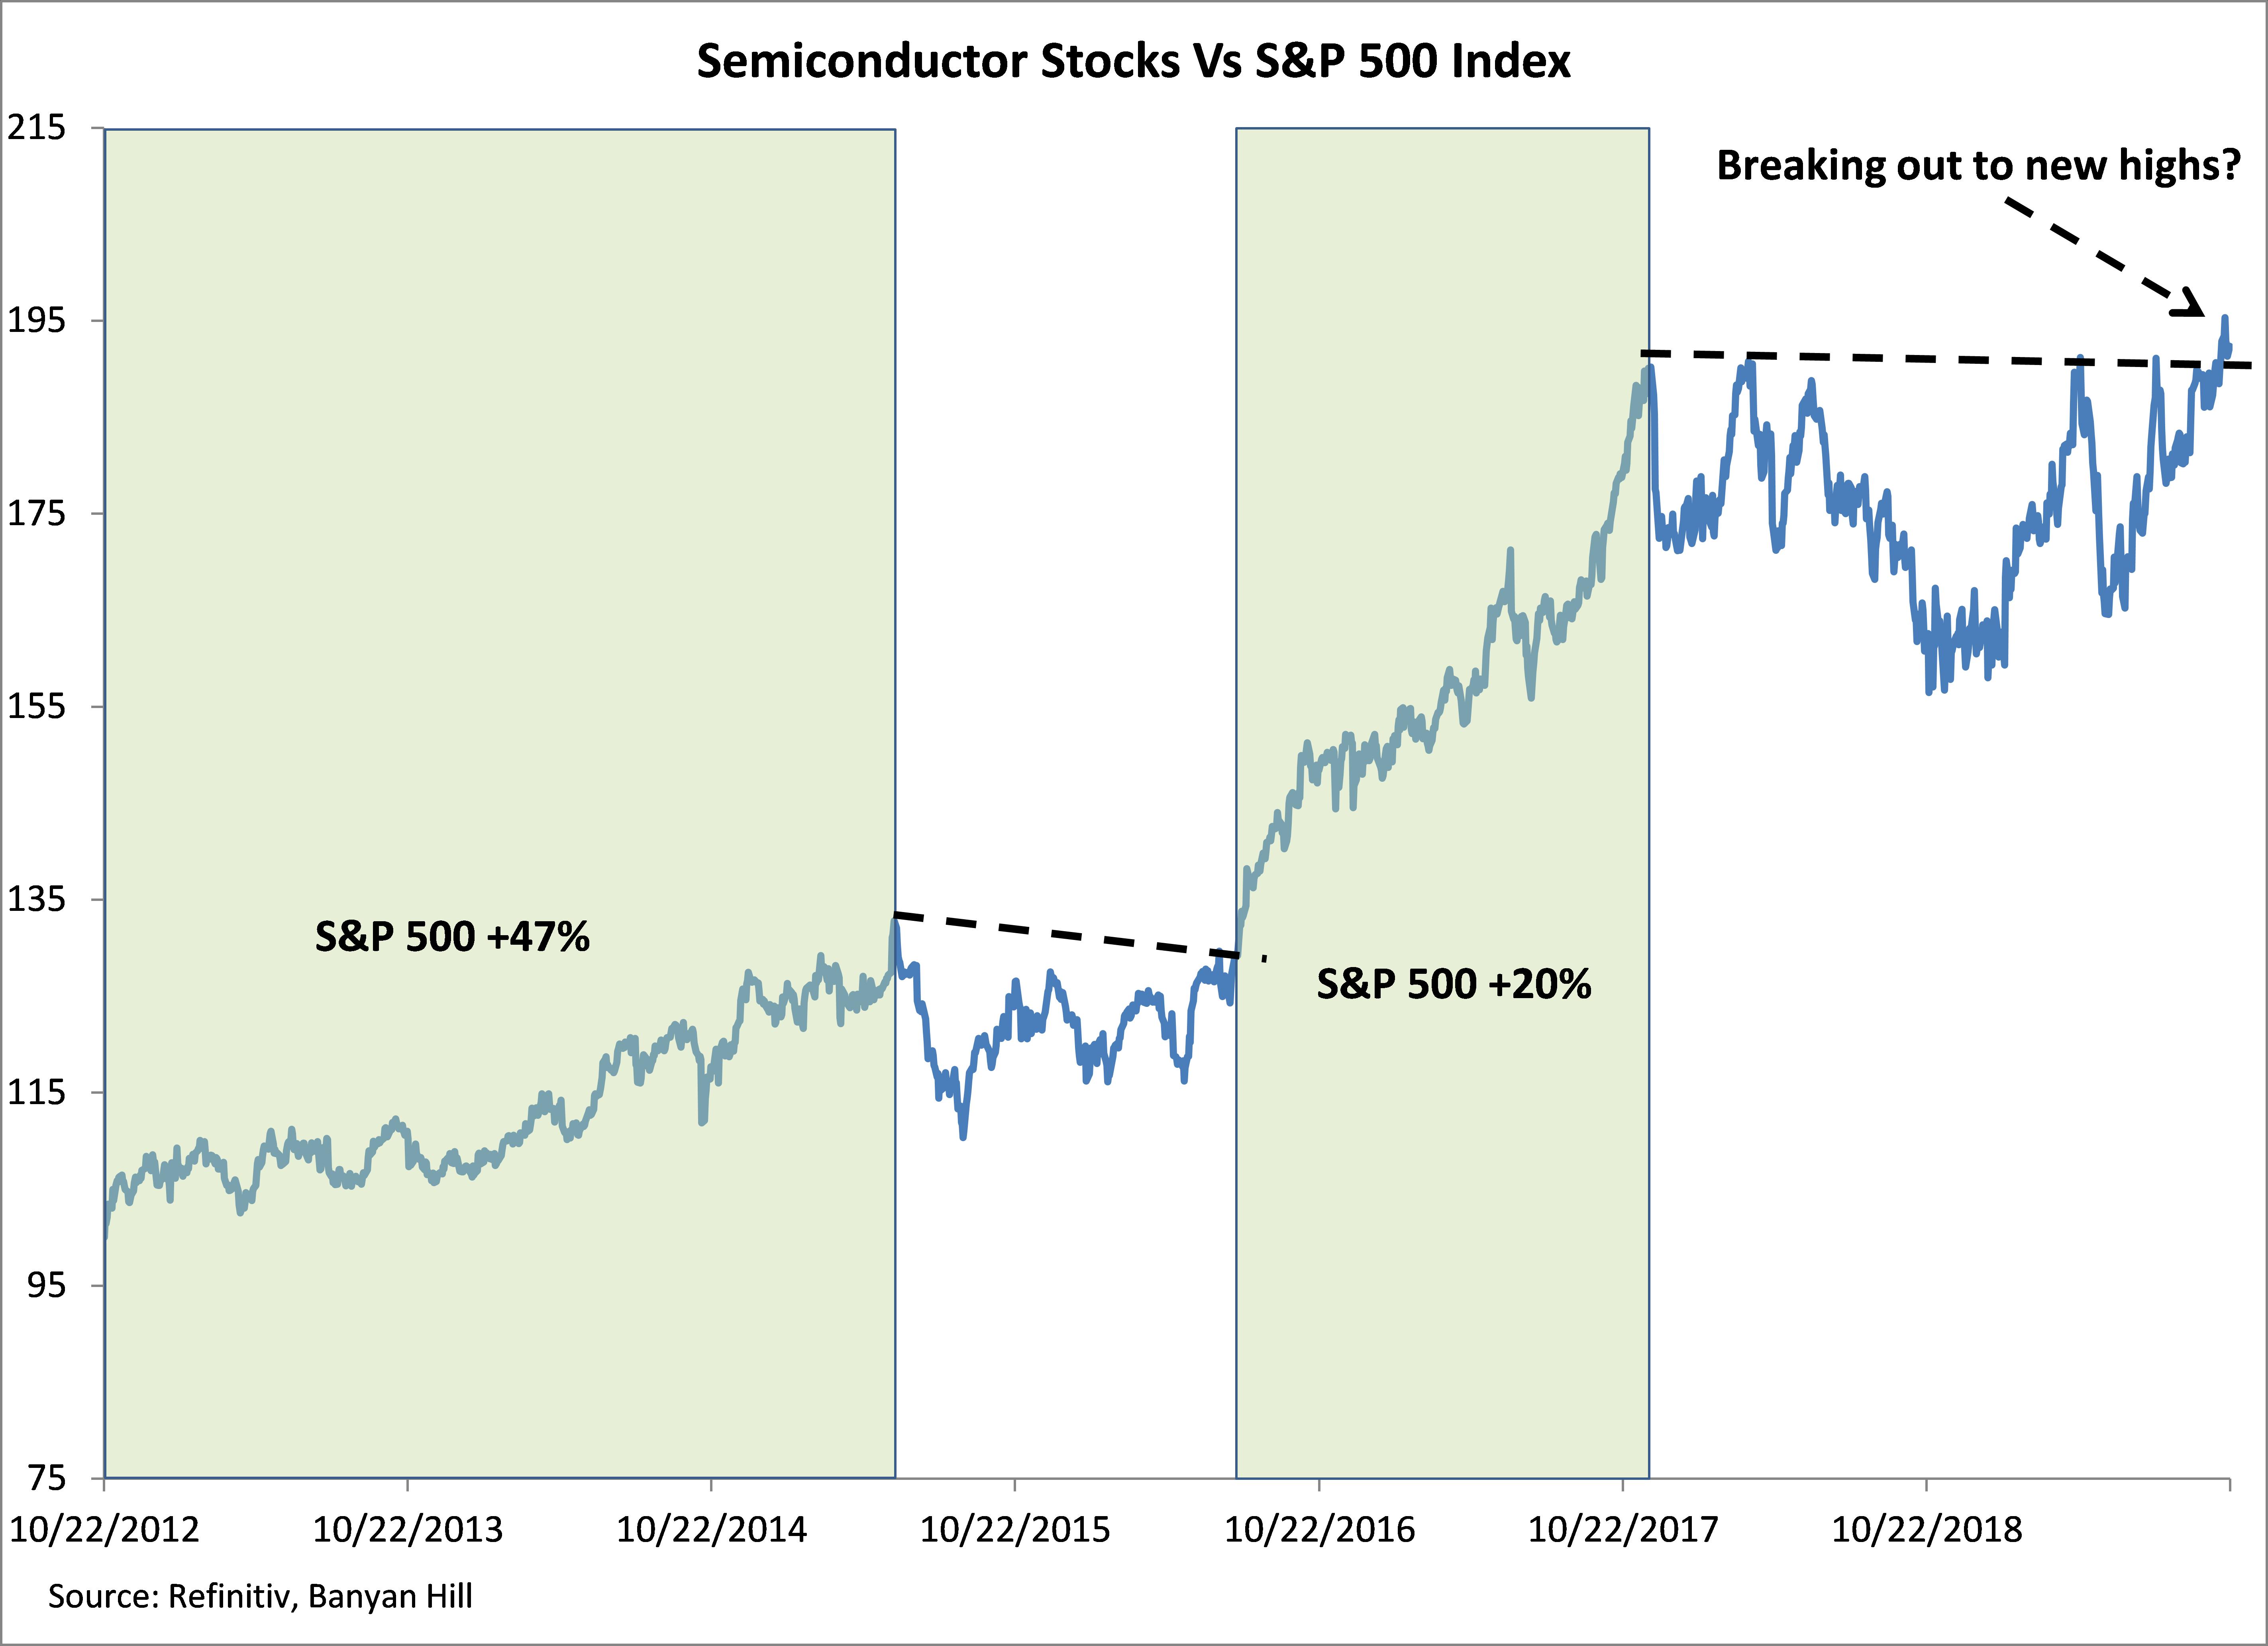 semiconductor stocks versus S&P 500 Index